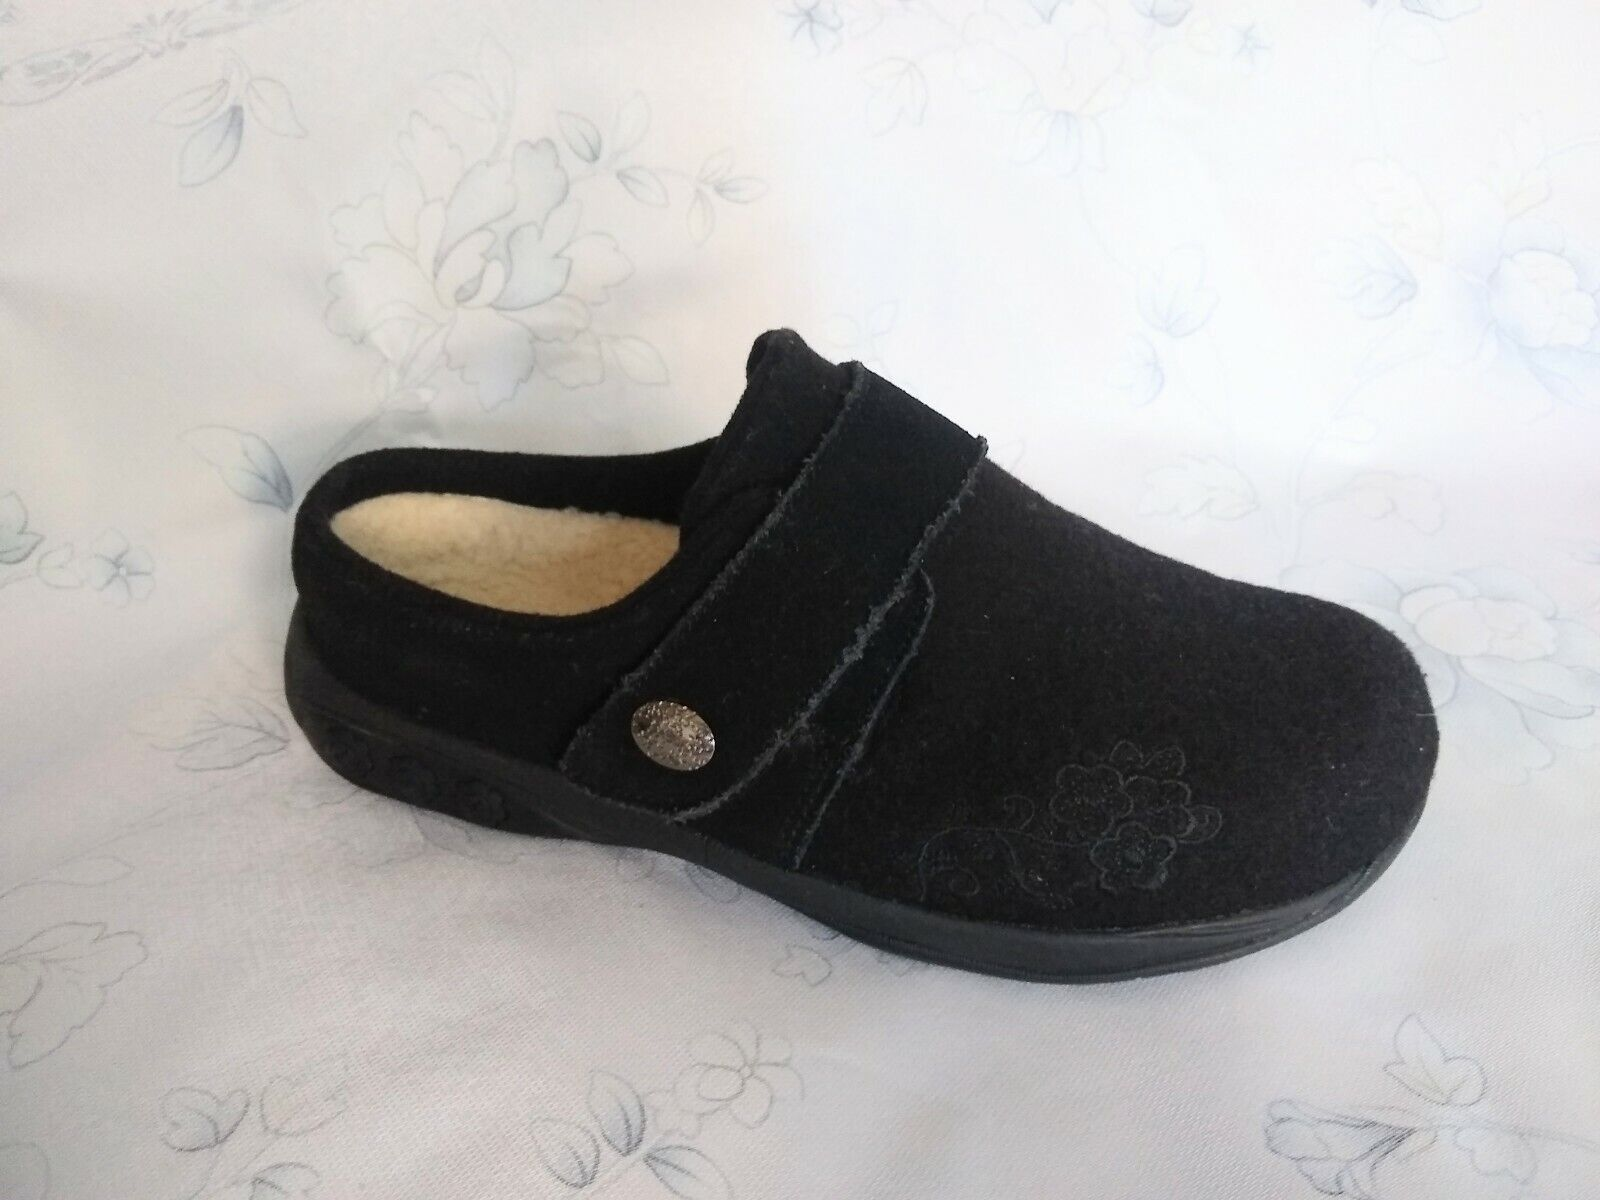 Therafit Women's Indoor/Outdoor Wool Clog Slipper, 6.5